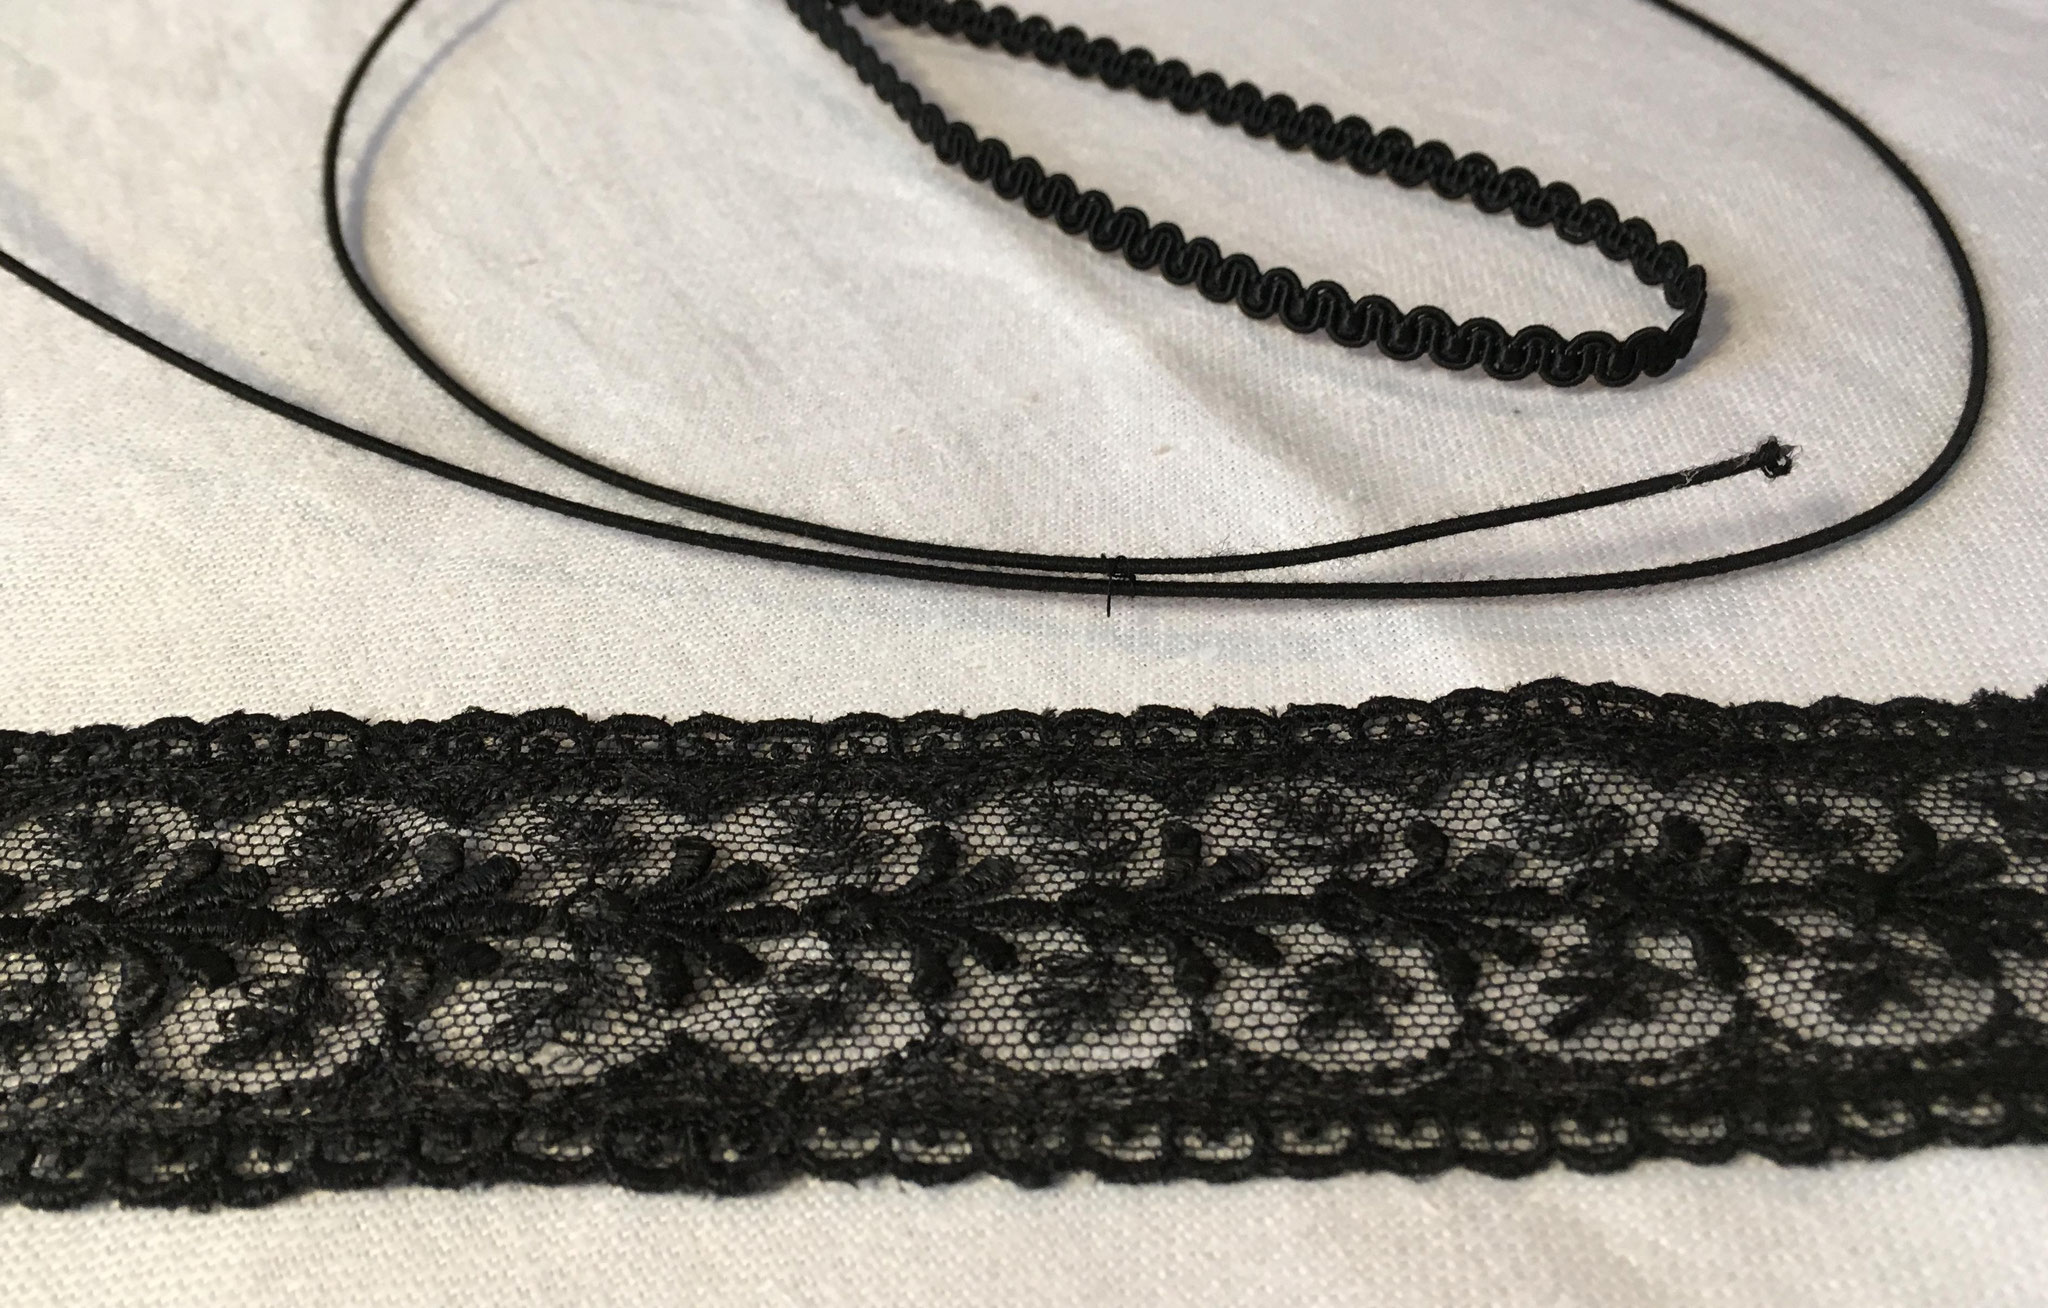 Die Masche entsteht aus schwarzem Hutdraht, auf den eine Spitze und eine Abschlussborte aufgenäht werden.